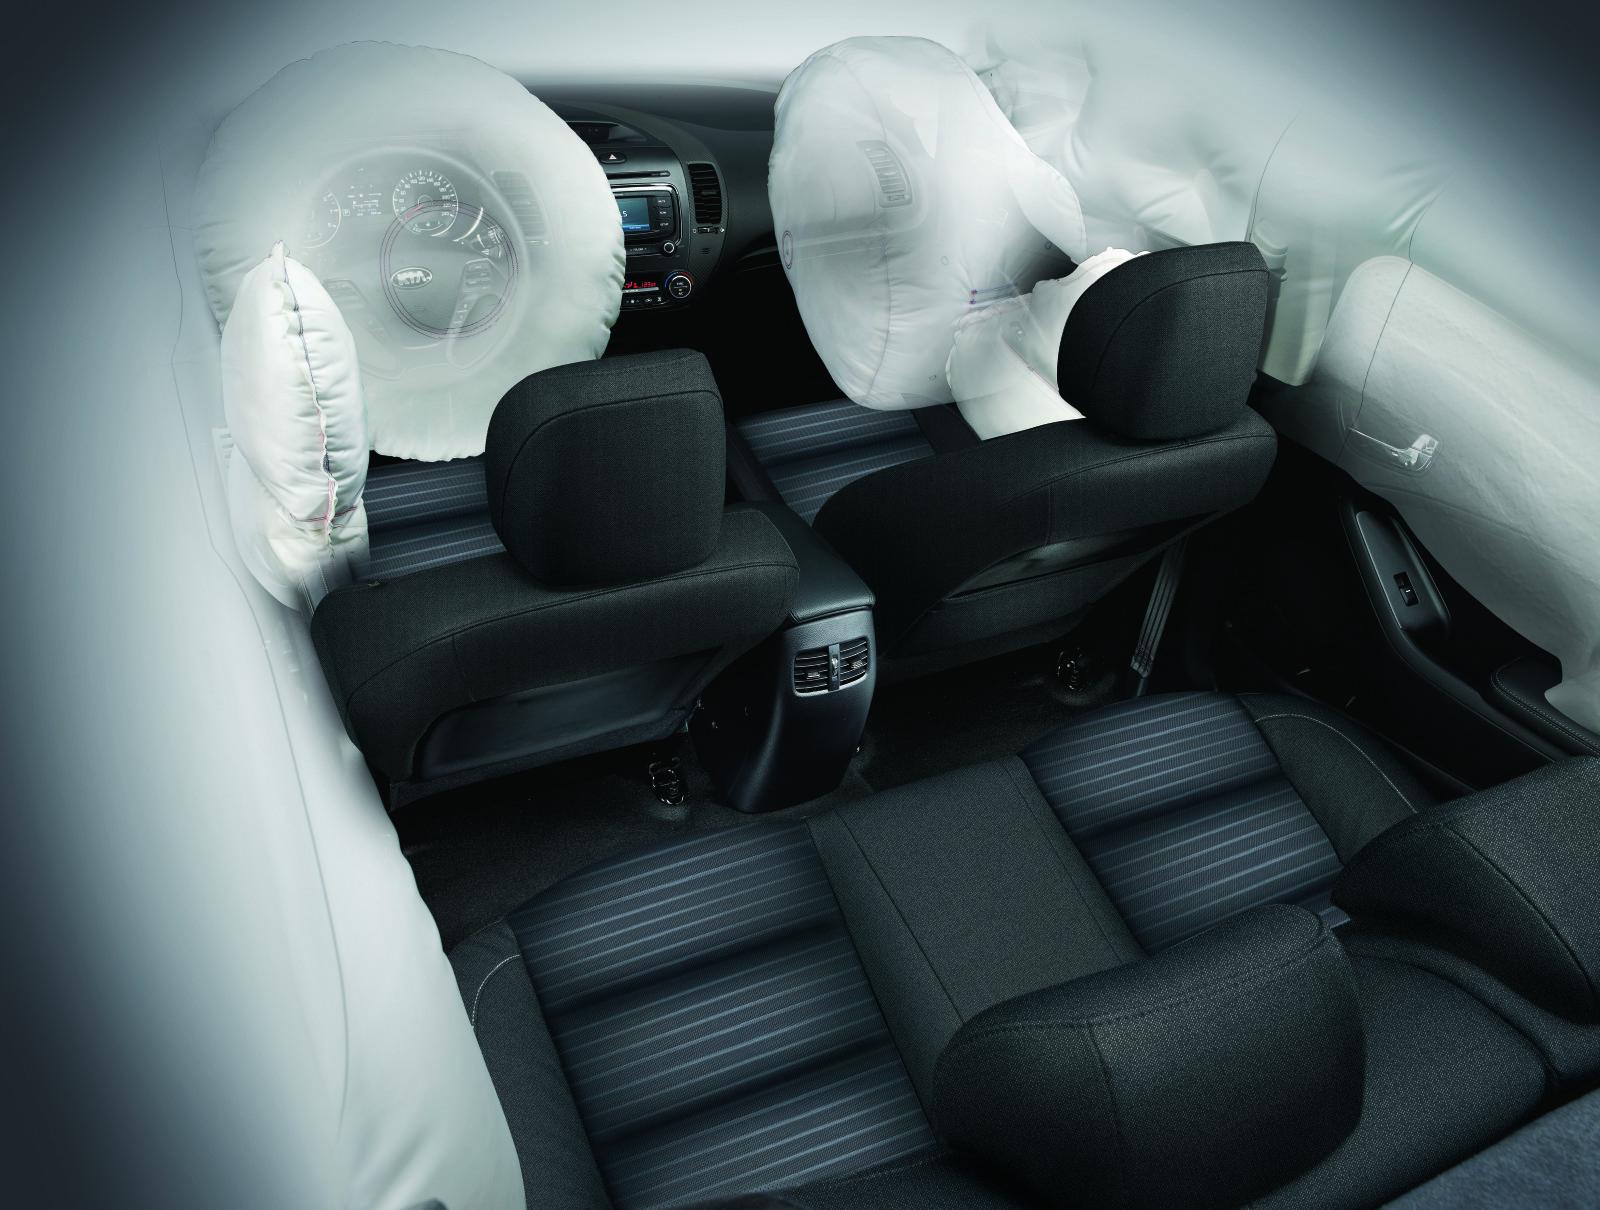 Традиционно для KIA большое внимание уделено безопасности водителя и пассажиров